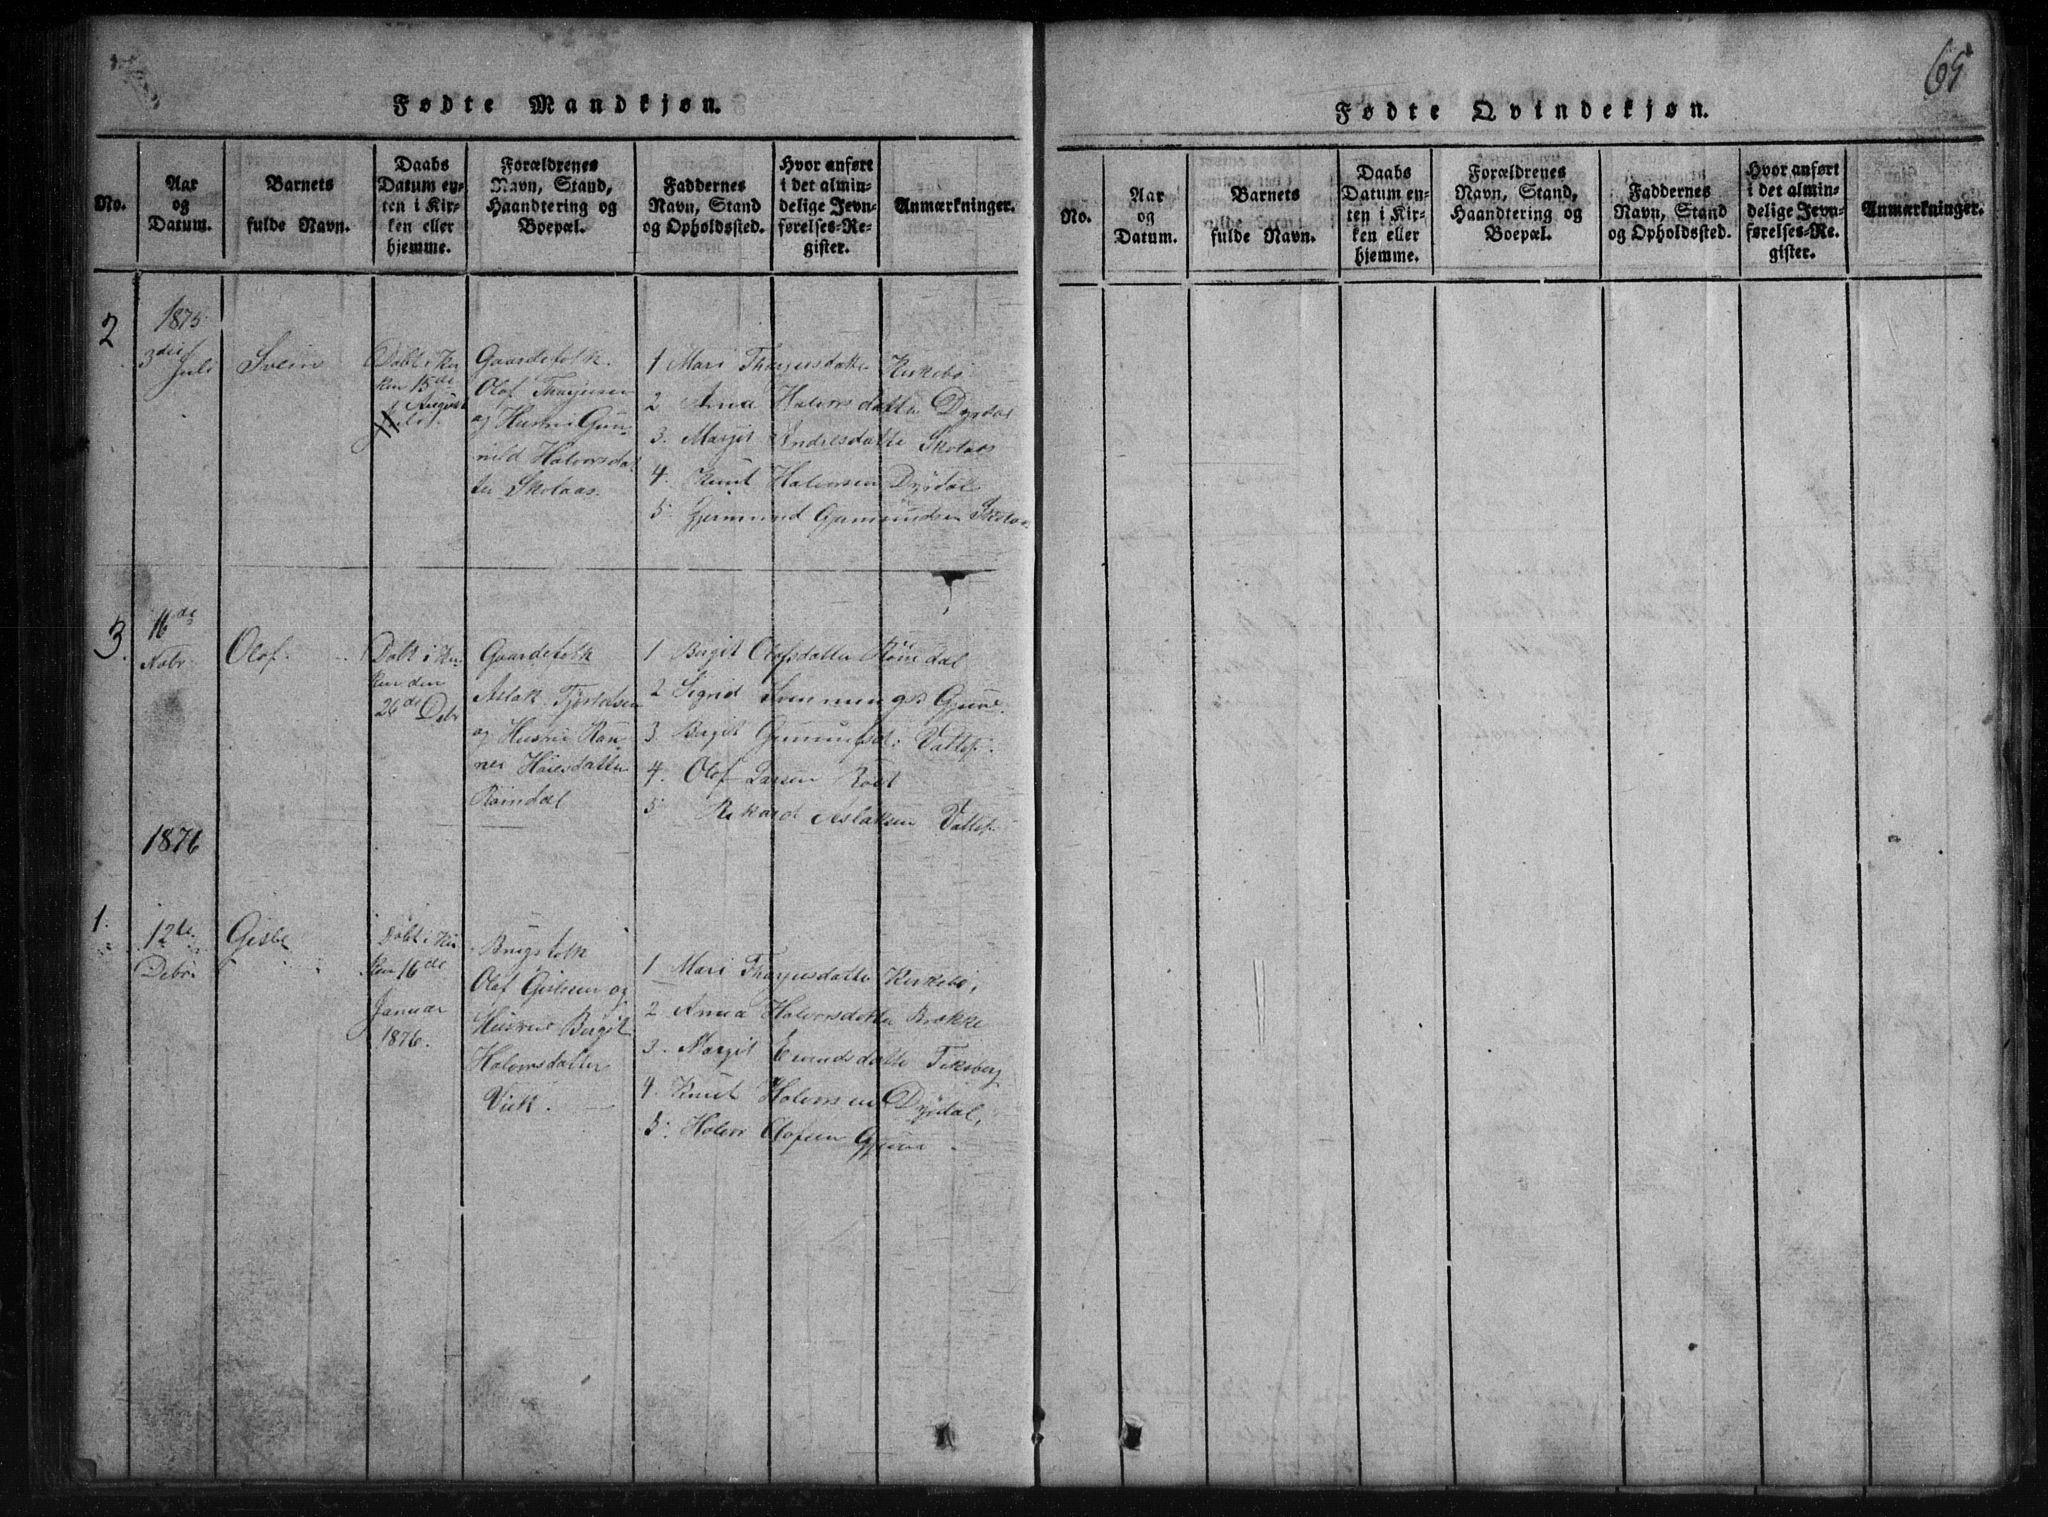 SAKO, Rauland kirkebøker, G/Gb/L0001: Klokkerbok nr. II 1, 1815-1886, s. 65